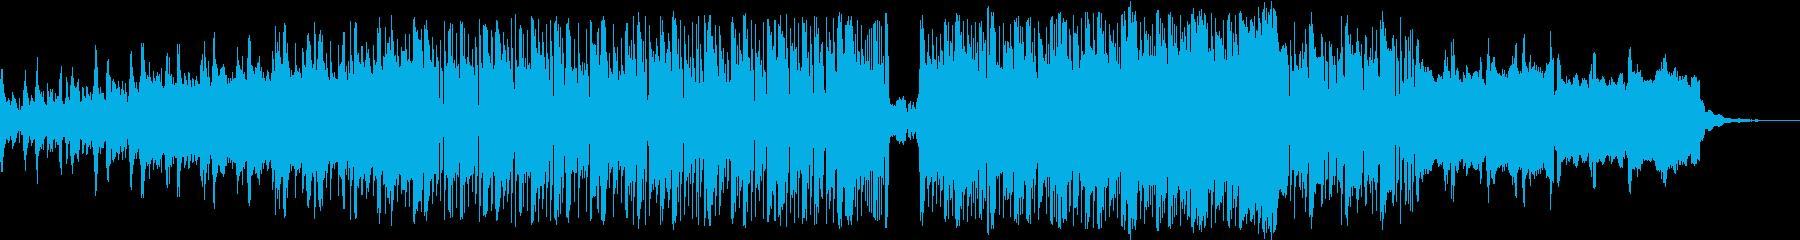 気だるいシンセのゆったり9/8拍子の再生済みの波形